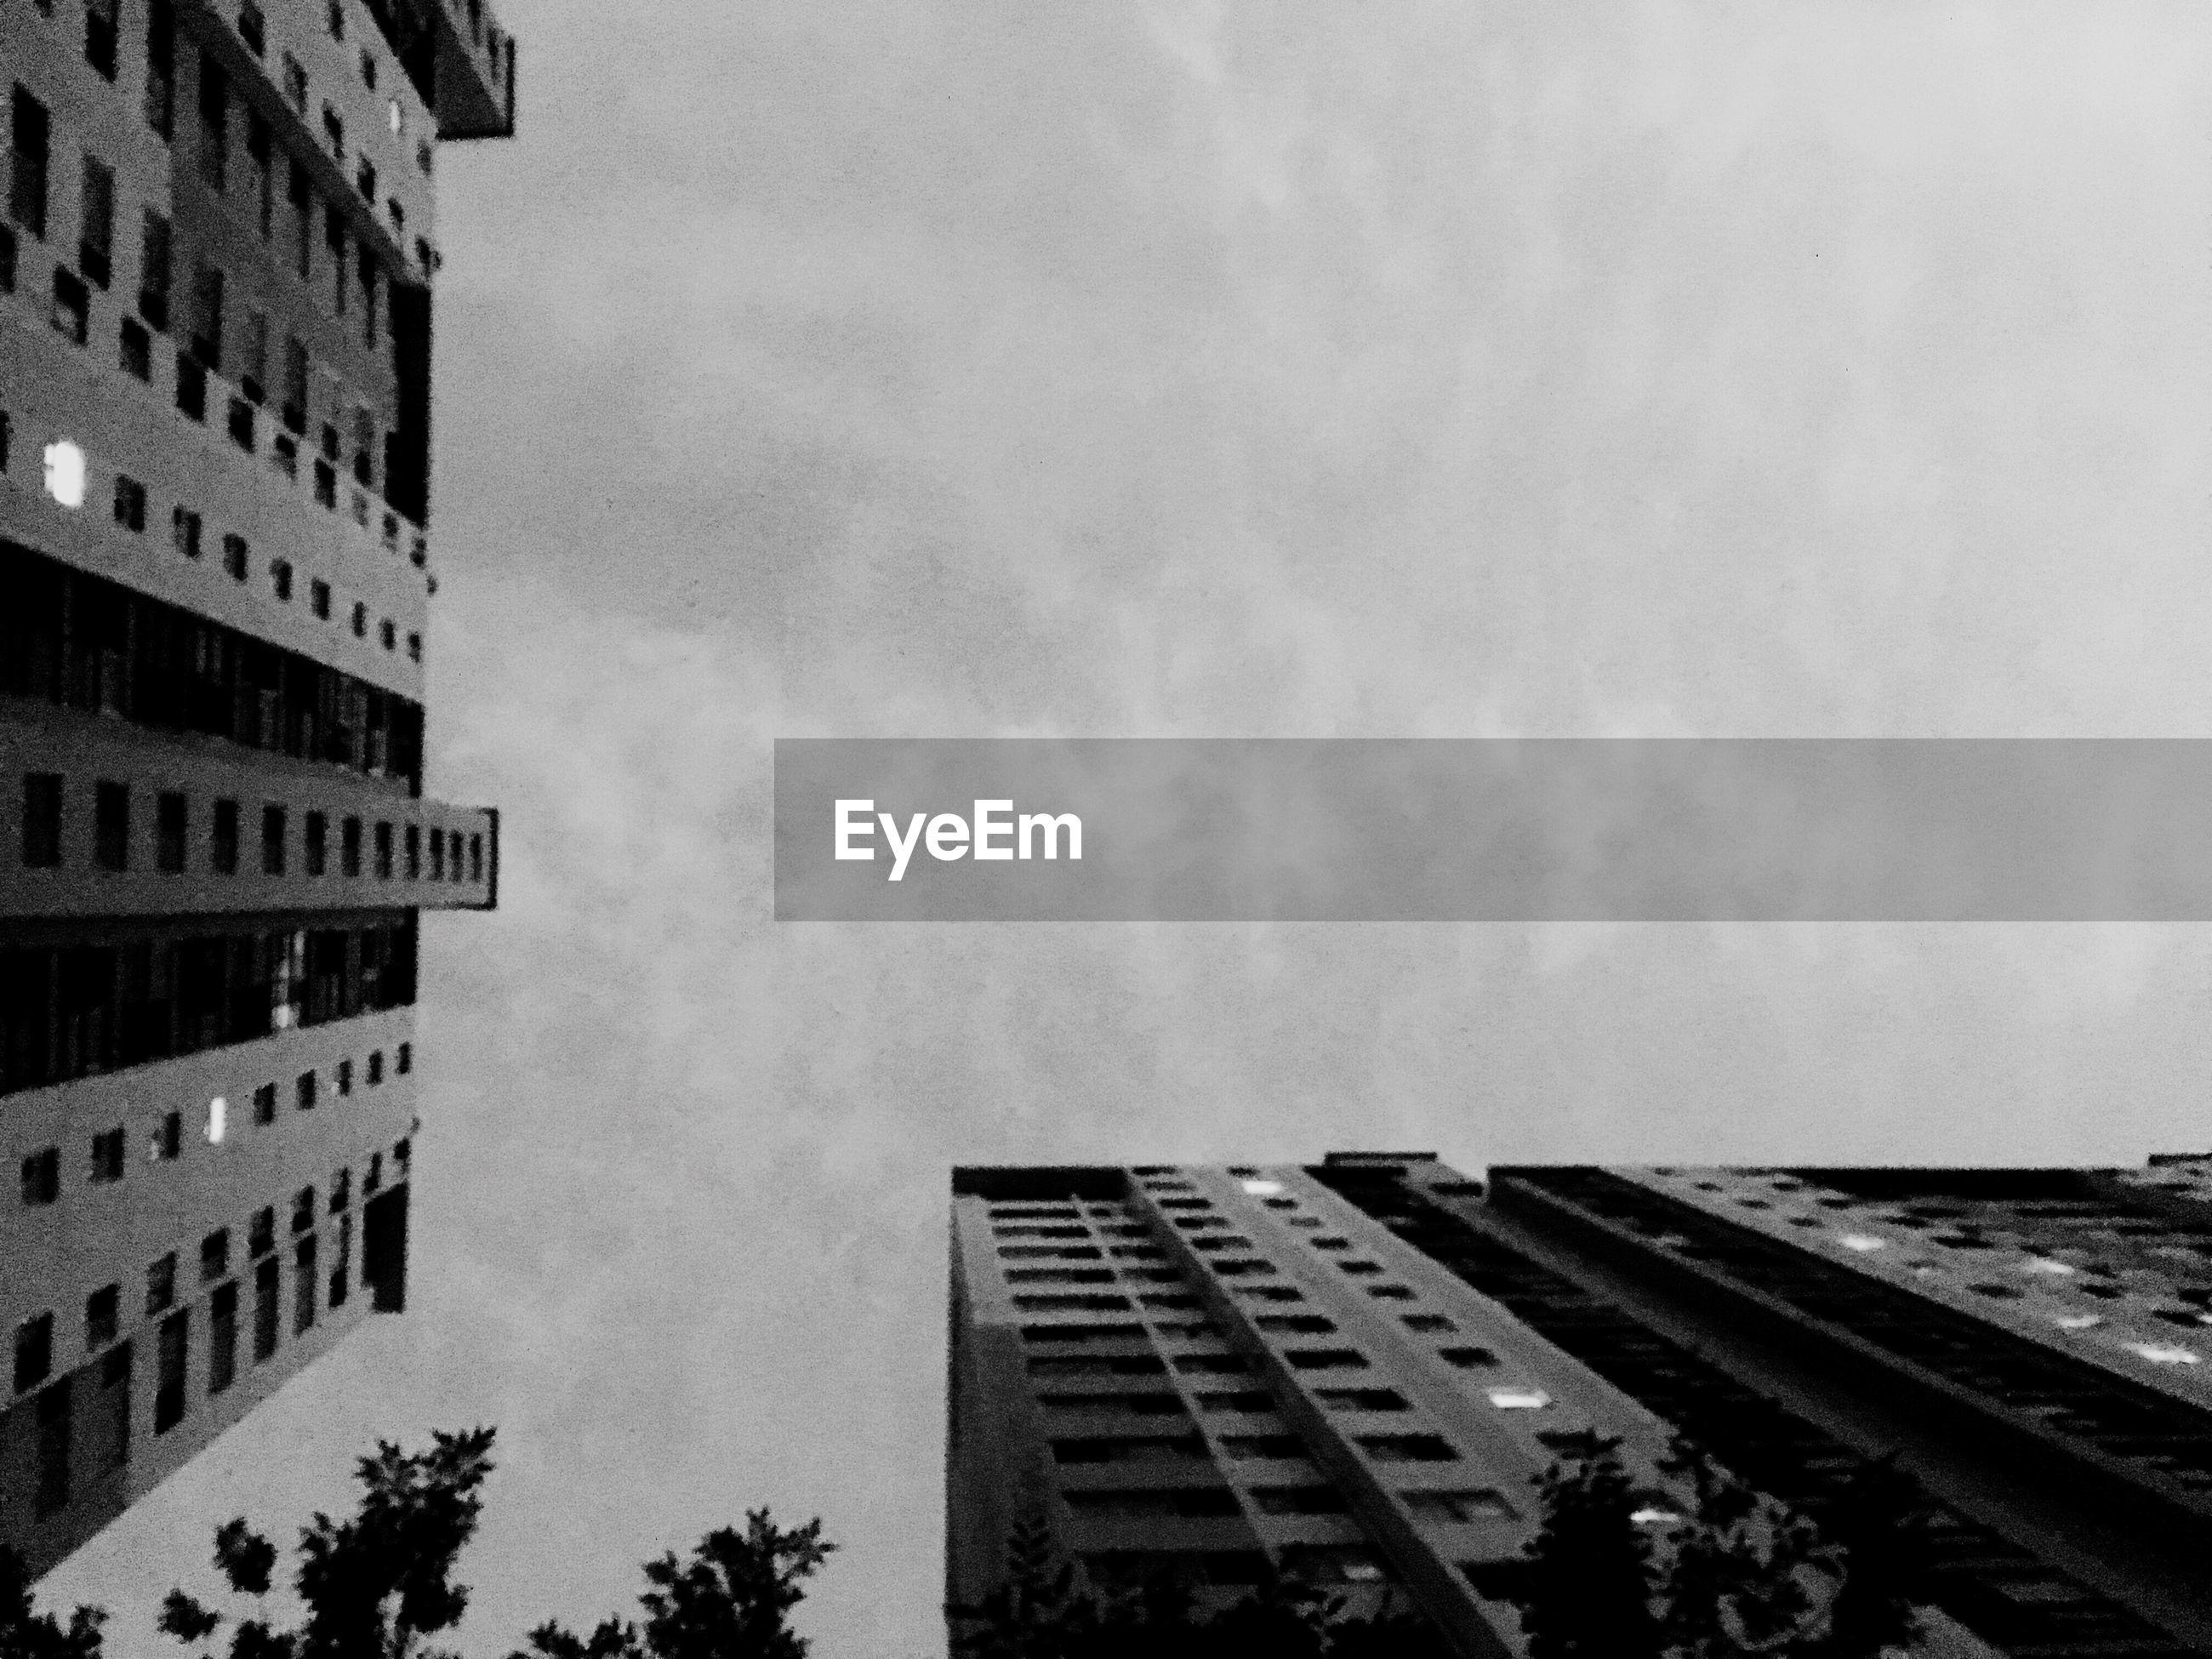 Directly below shot of buildings against sky